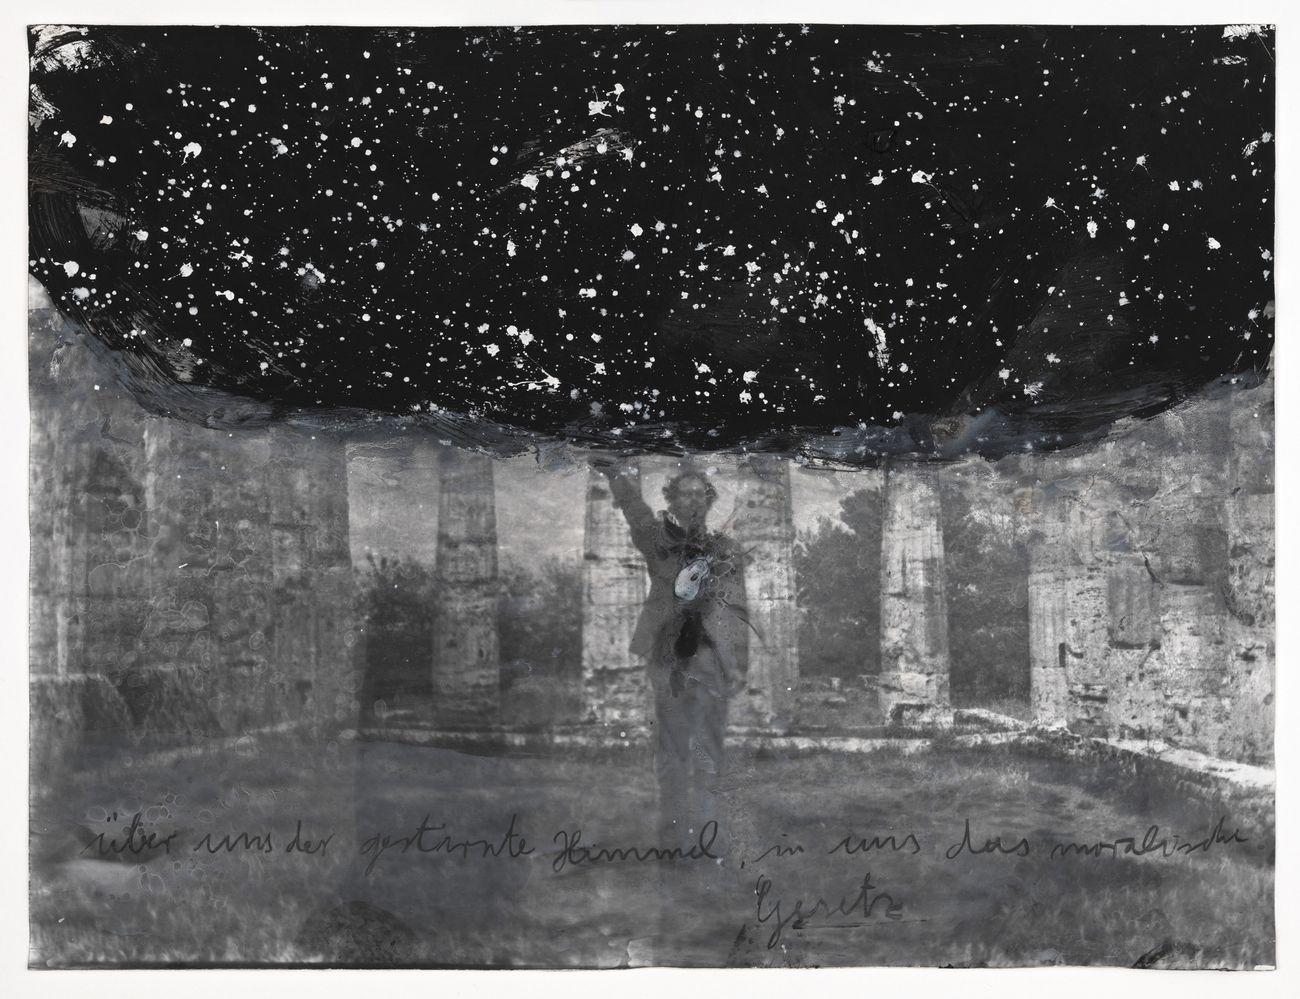 Anselm Kiefer, Über uns der gestirnte Himmel, in uns das moralische Gesetz, 1969–2010. Tate & National Galleries of Scotland © Anselm Kiefer